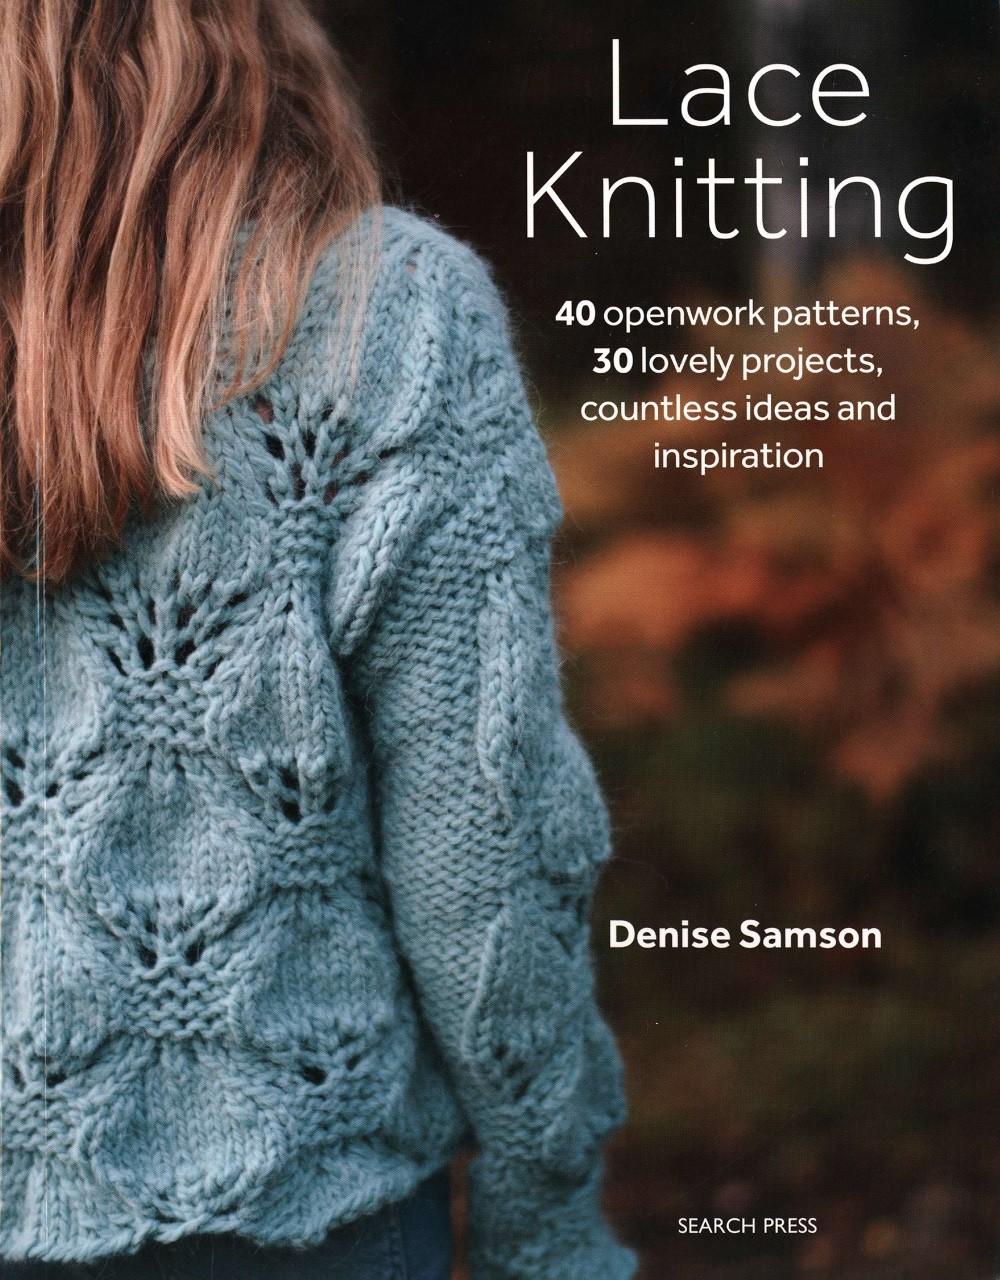 Книга по вязанию Denise Samson «Lace Knitting» 2019